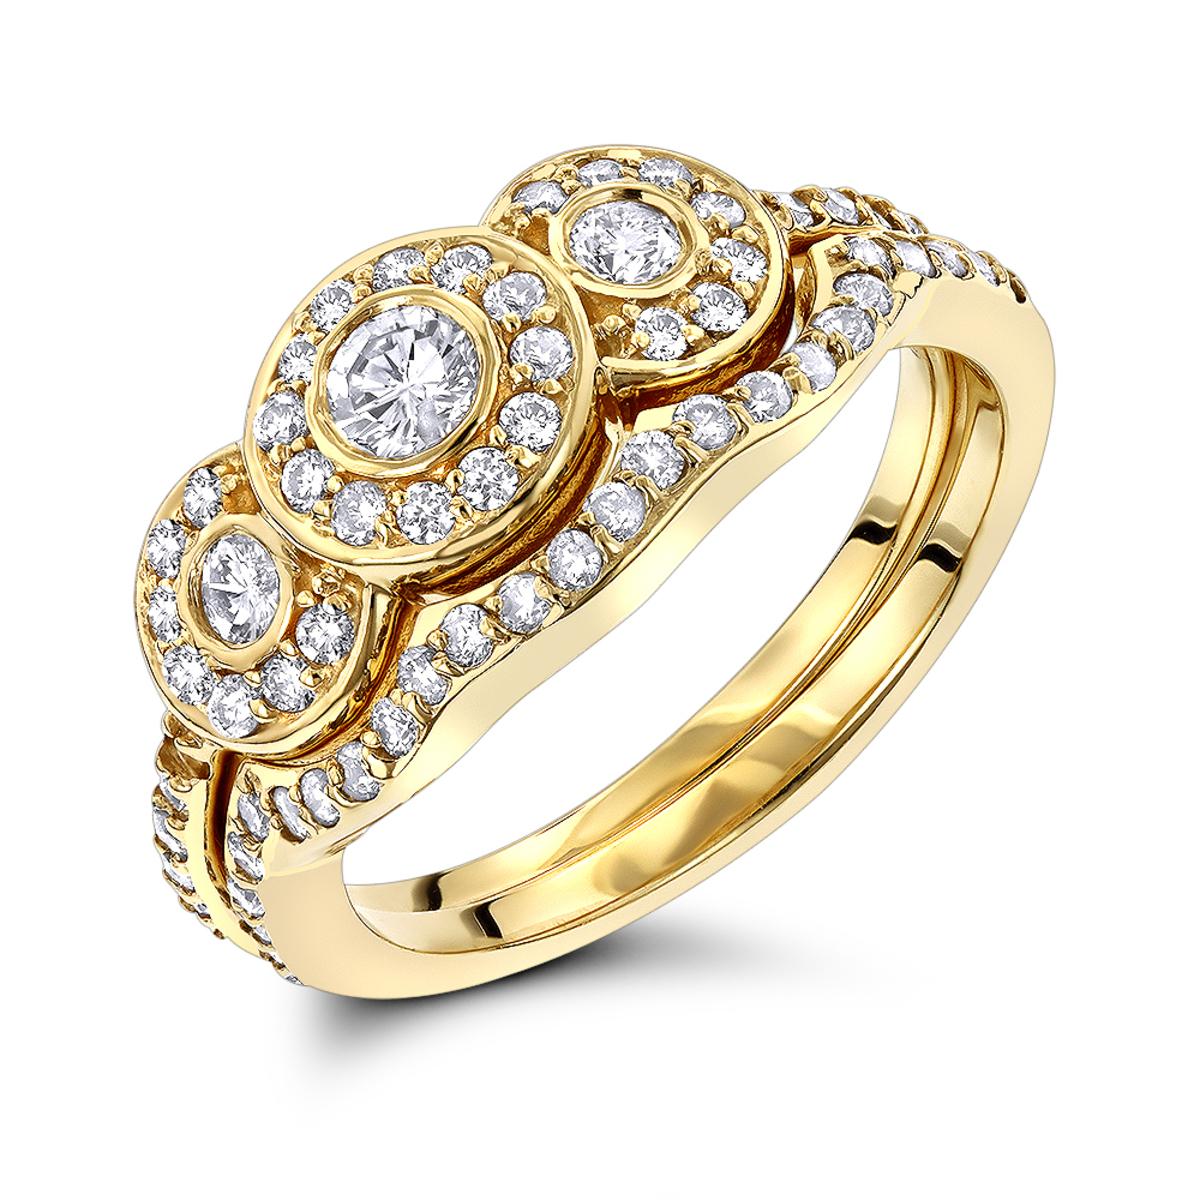 14K Gold Diamond Unique Engagement Ring Set 0.90ct